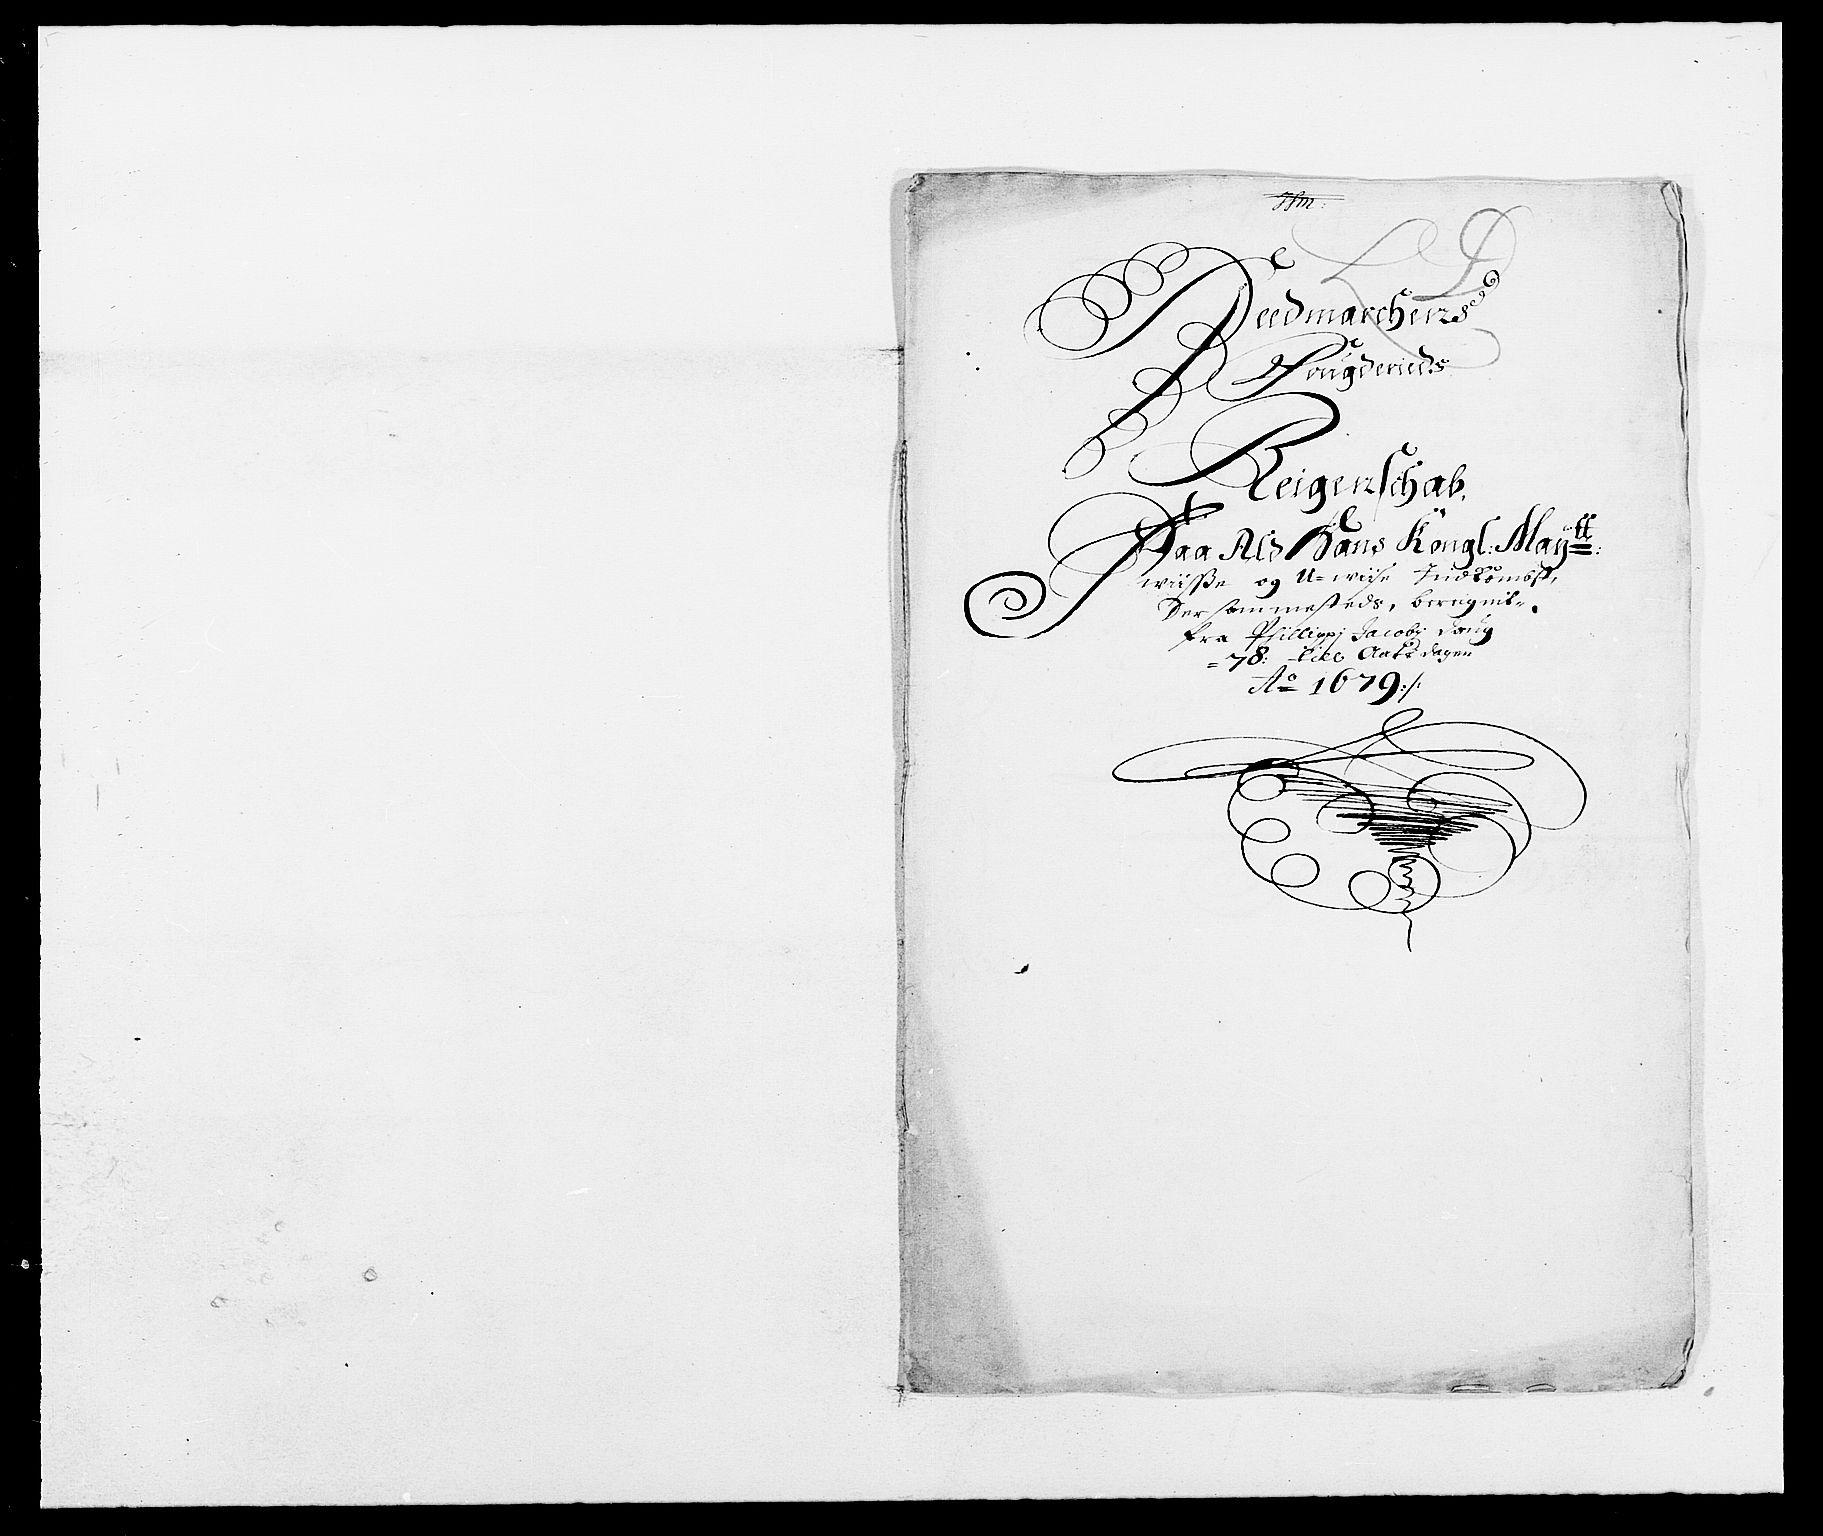 RA, Rentekammeret inntil 1814, Reviderte regnskaper, Fogderegnskap, R16/L1017: Fogderegnskap Hedmark, 1678-1679, s. 2